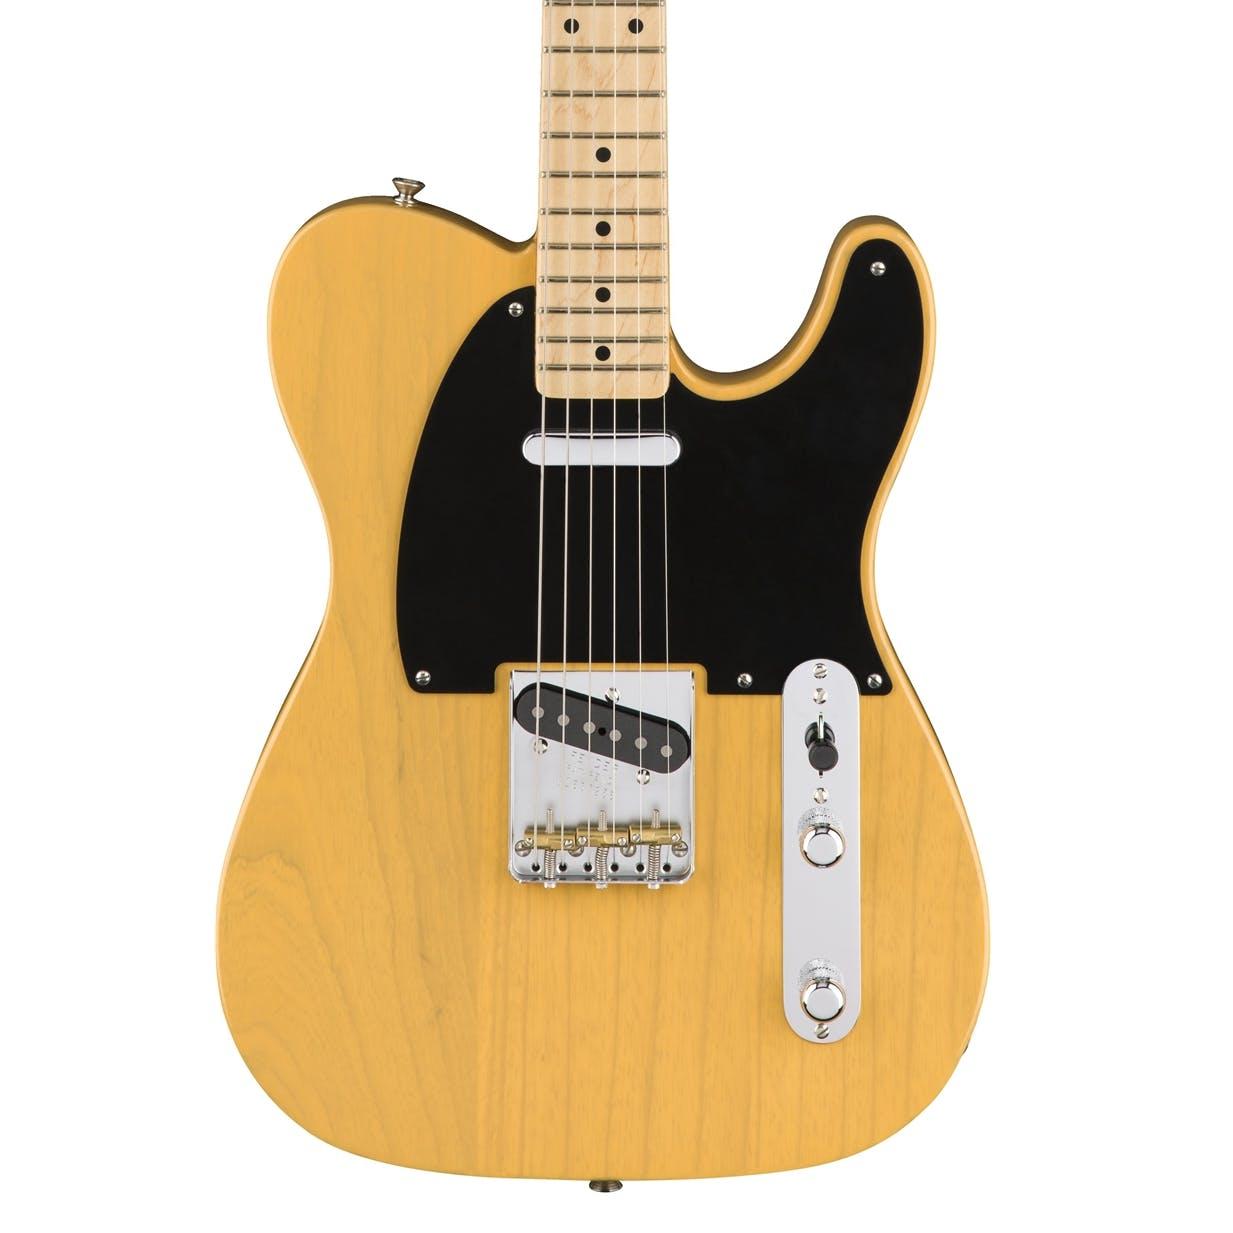 fender american original 50s tele maple neck in butterscotch blondefender american original 50s tele mn in butterscotch blonde